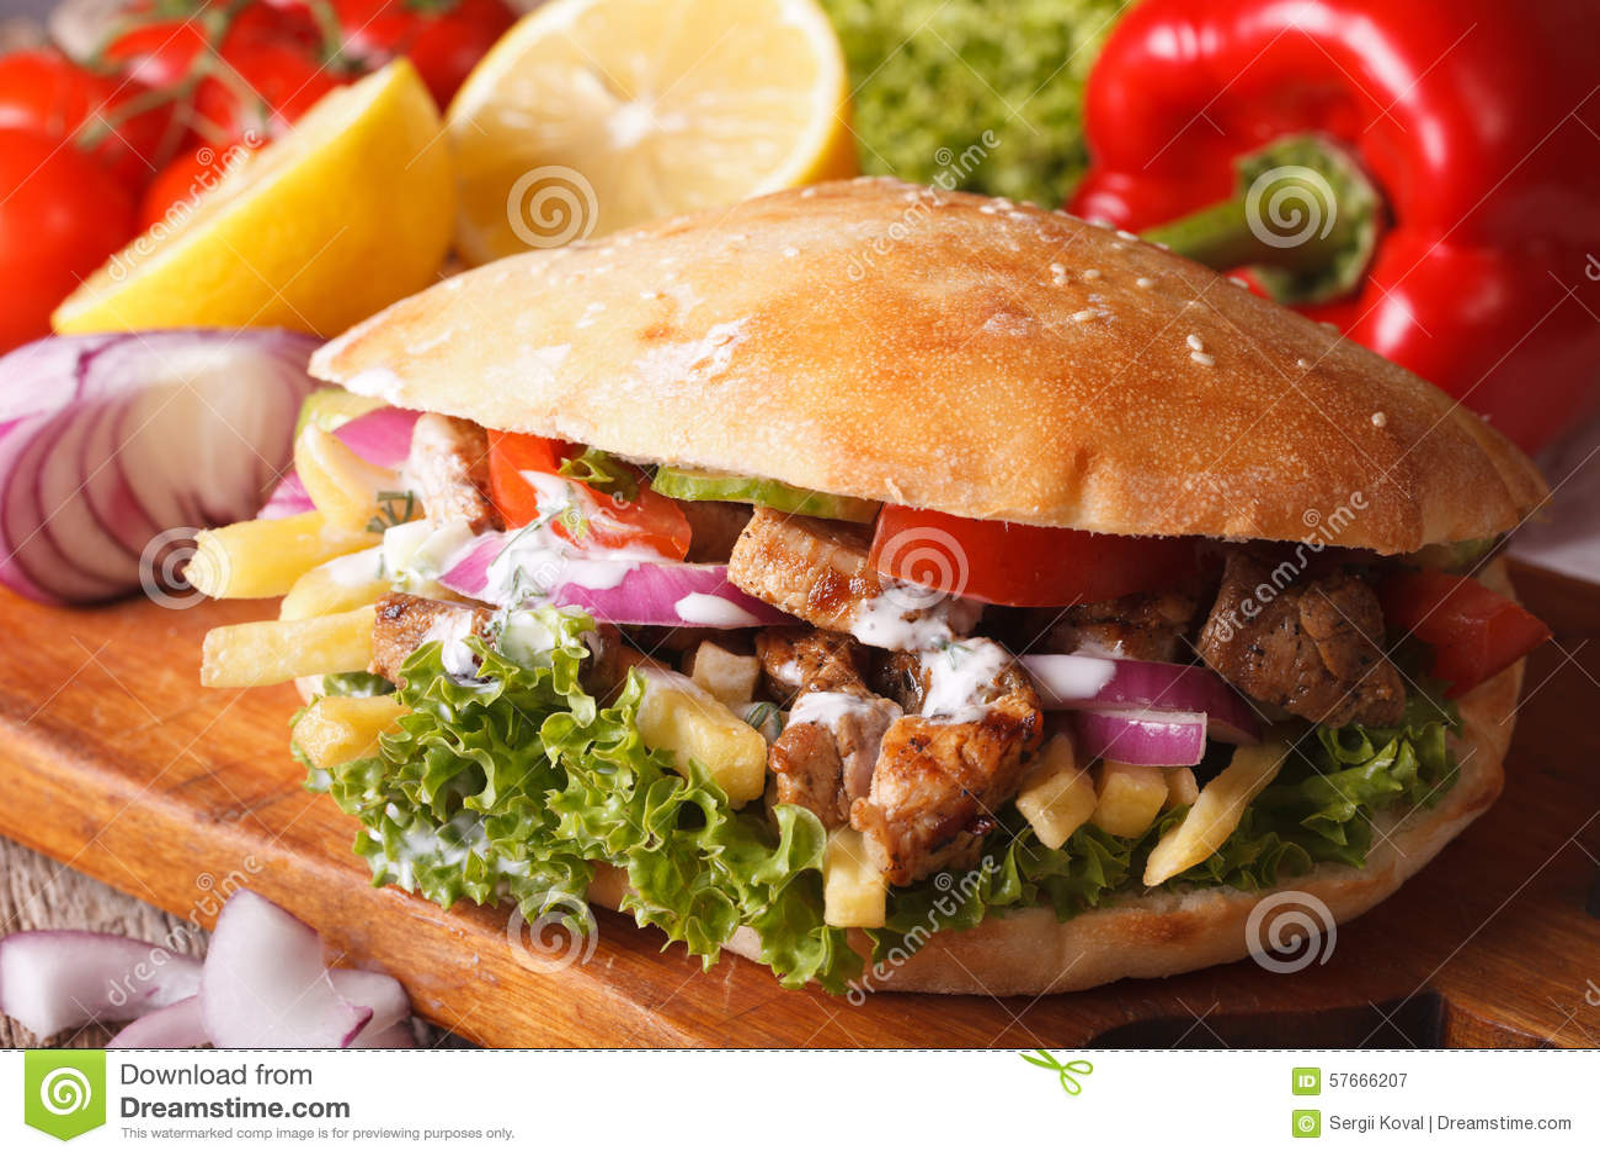 Doner kebab z mięsem i warzywa zbliżeniem horyzontalny